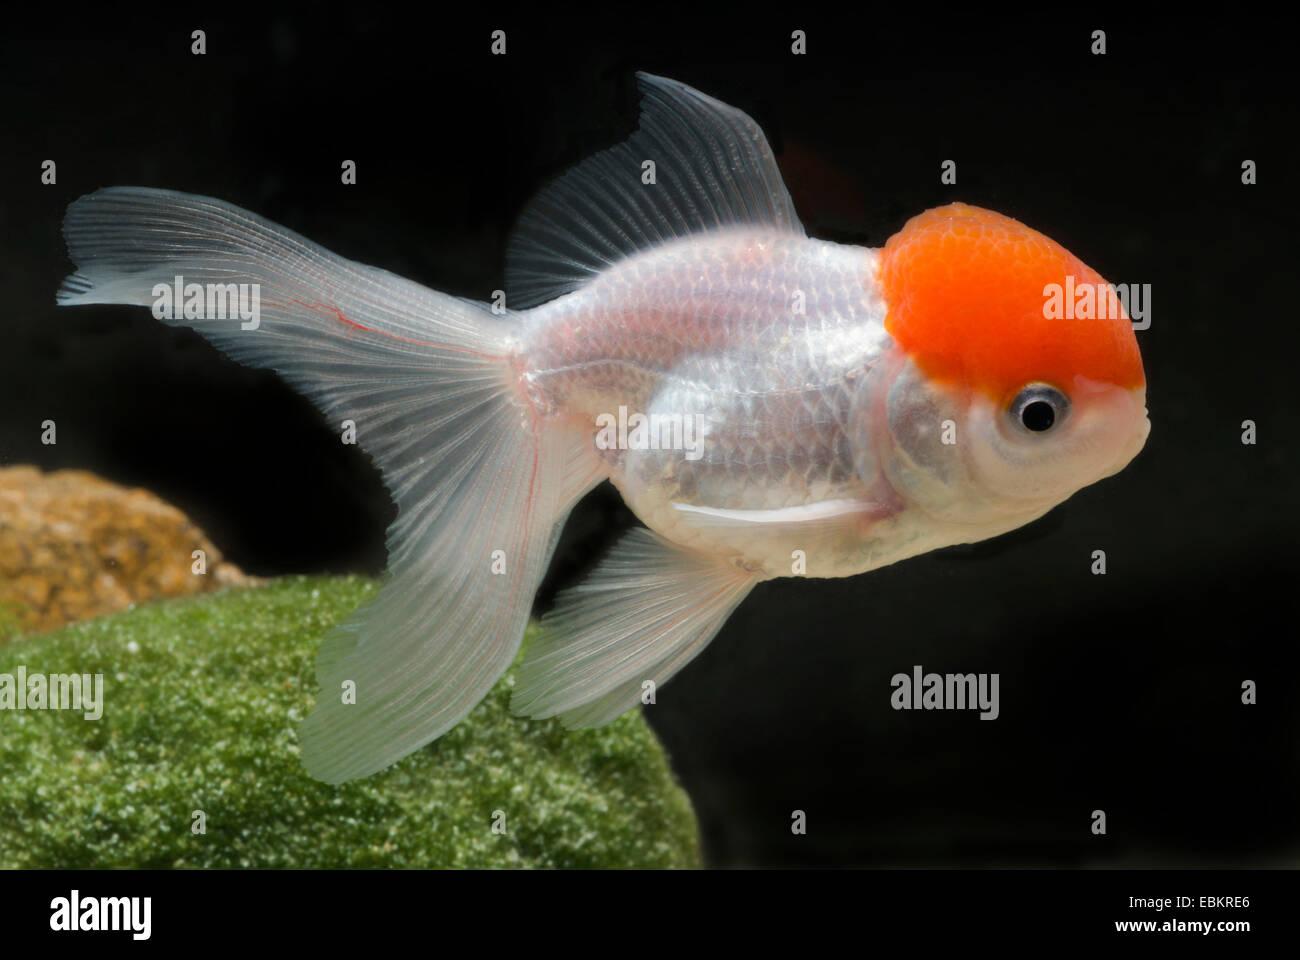 Goldfish, Common carp, Lionhead Goldfish (Carassius auratus), breeding form Lionhead red head - Stock Image